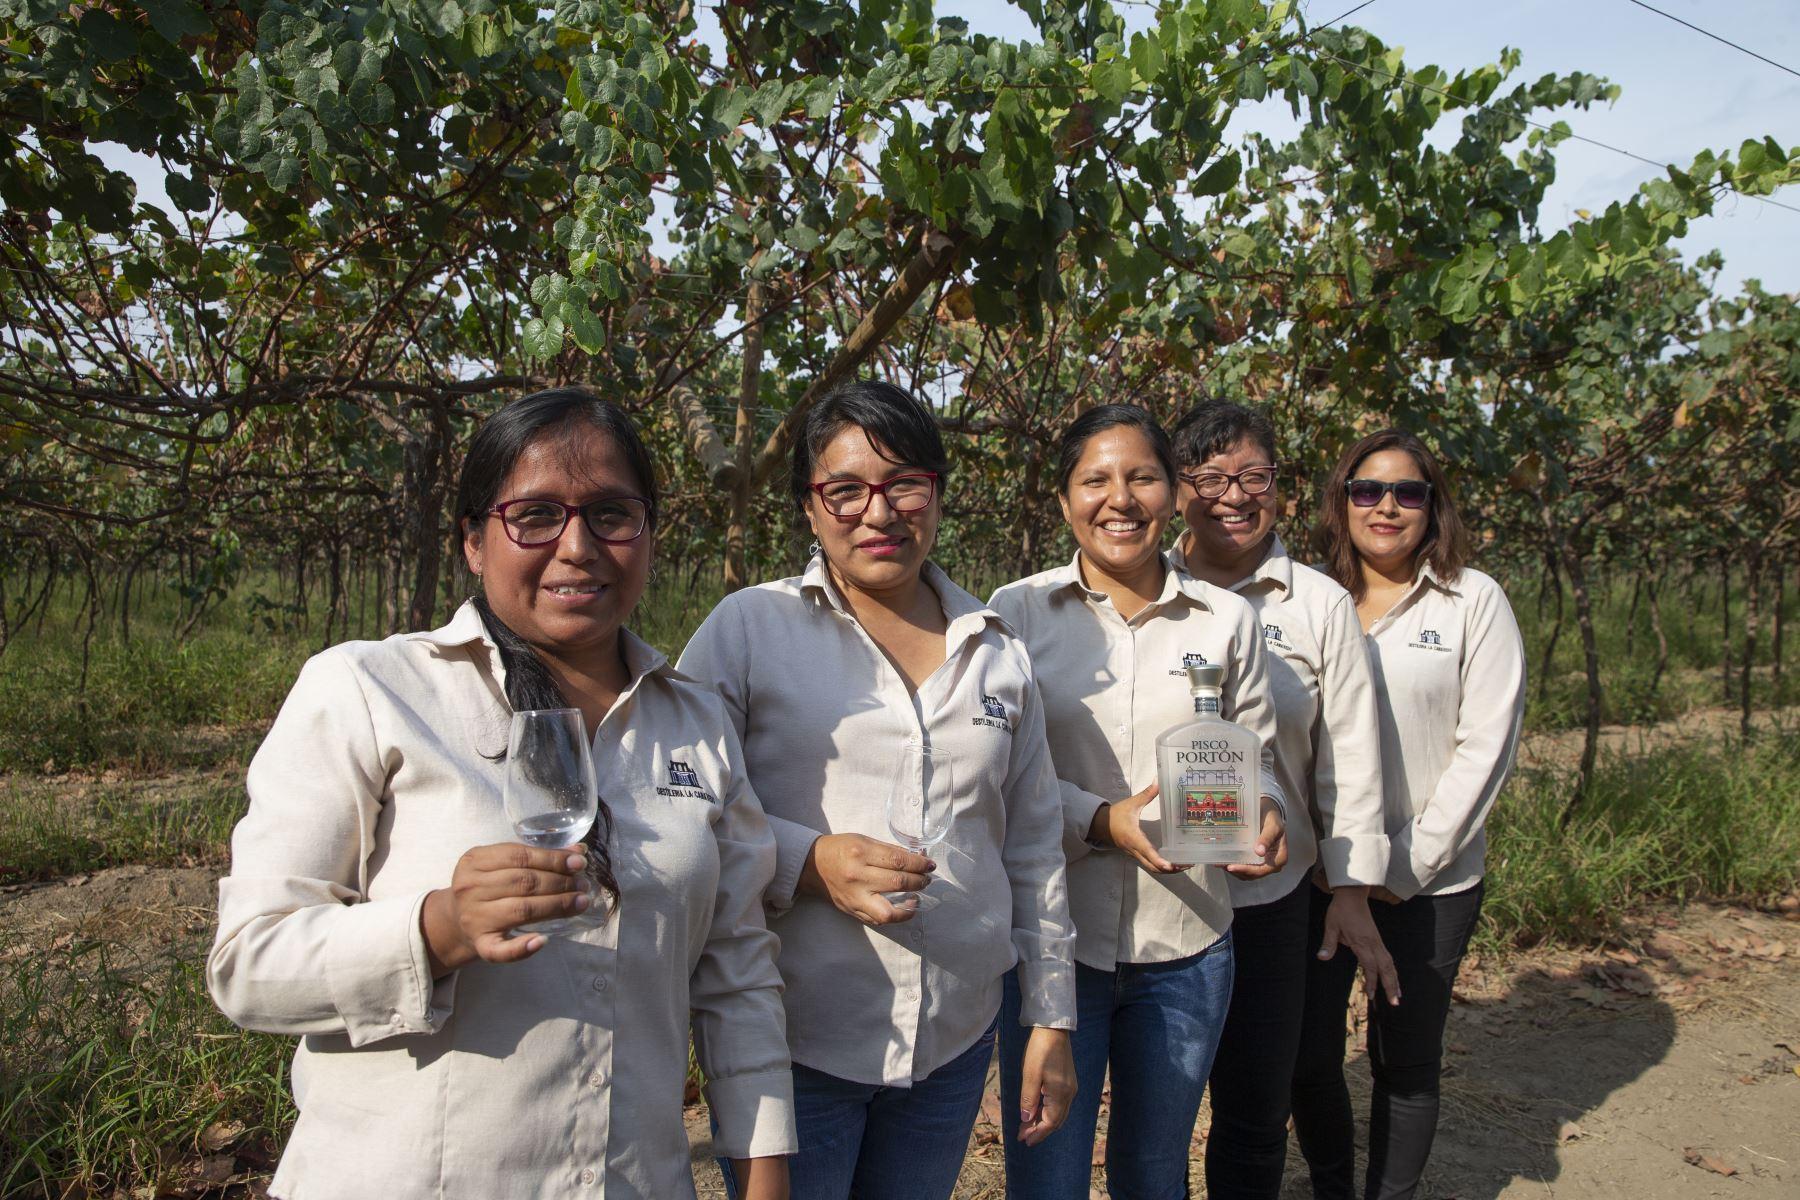 Hacienda La Caravedo, donde se elabora el premiado pisco Portón, tiene una gran cantidad de mujeres que hacen del pisco una experiencia culinaria. Foto: ANDINA/Jhonel Rodríguez Robles.